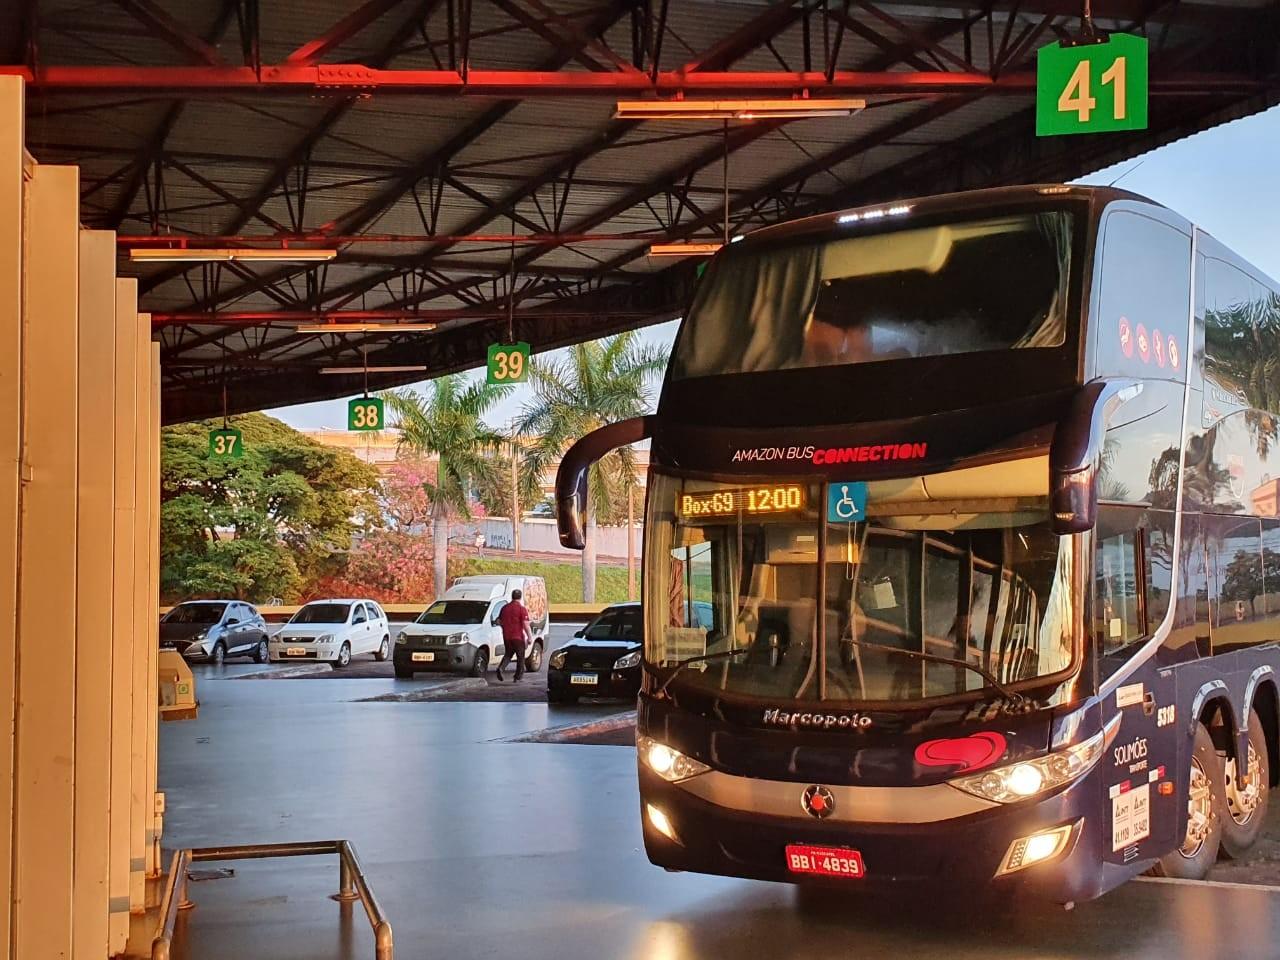 Taxa de embarque tem reajuste de preço na Rodoviária de Londrina